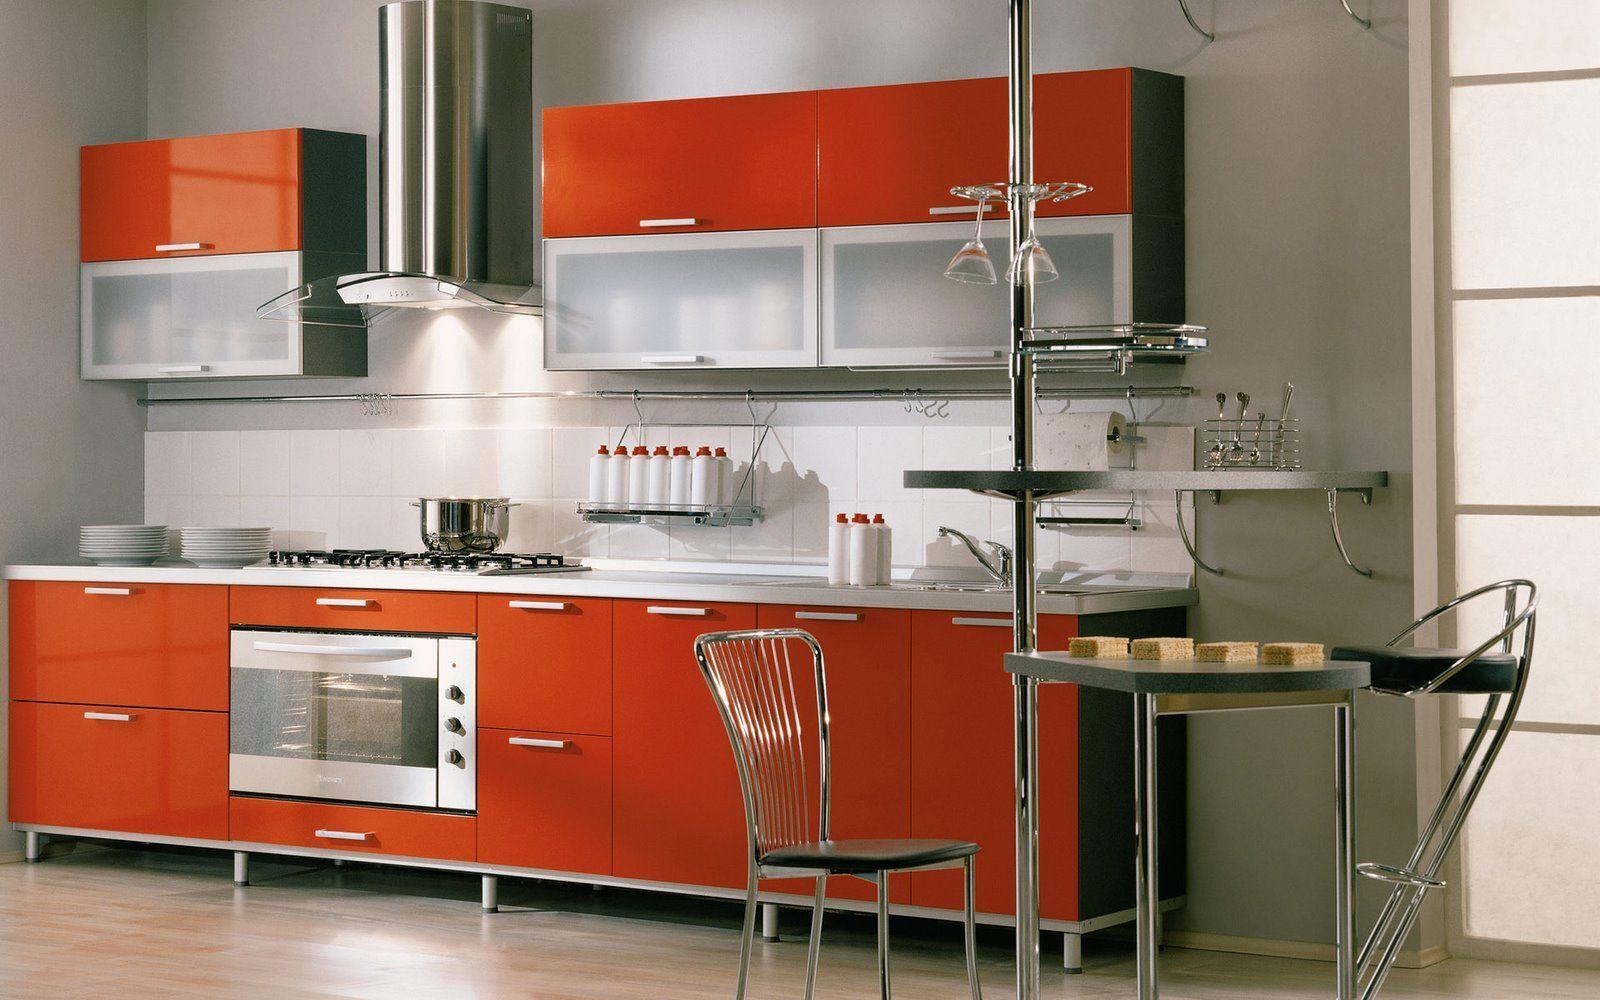 Cozinha Moderna De Tons Laranjas Fotos E Imagens